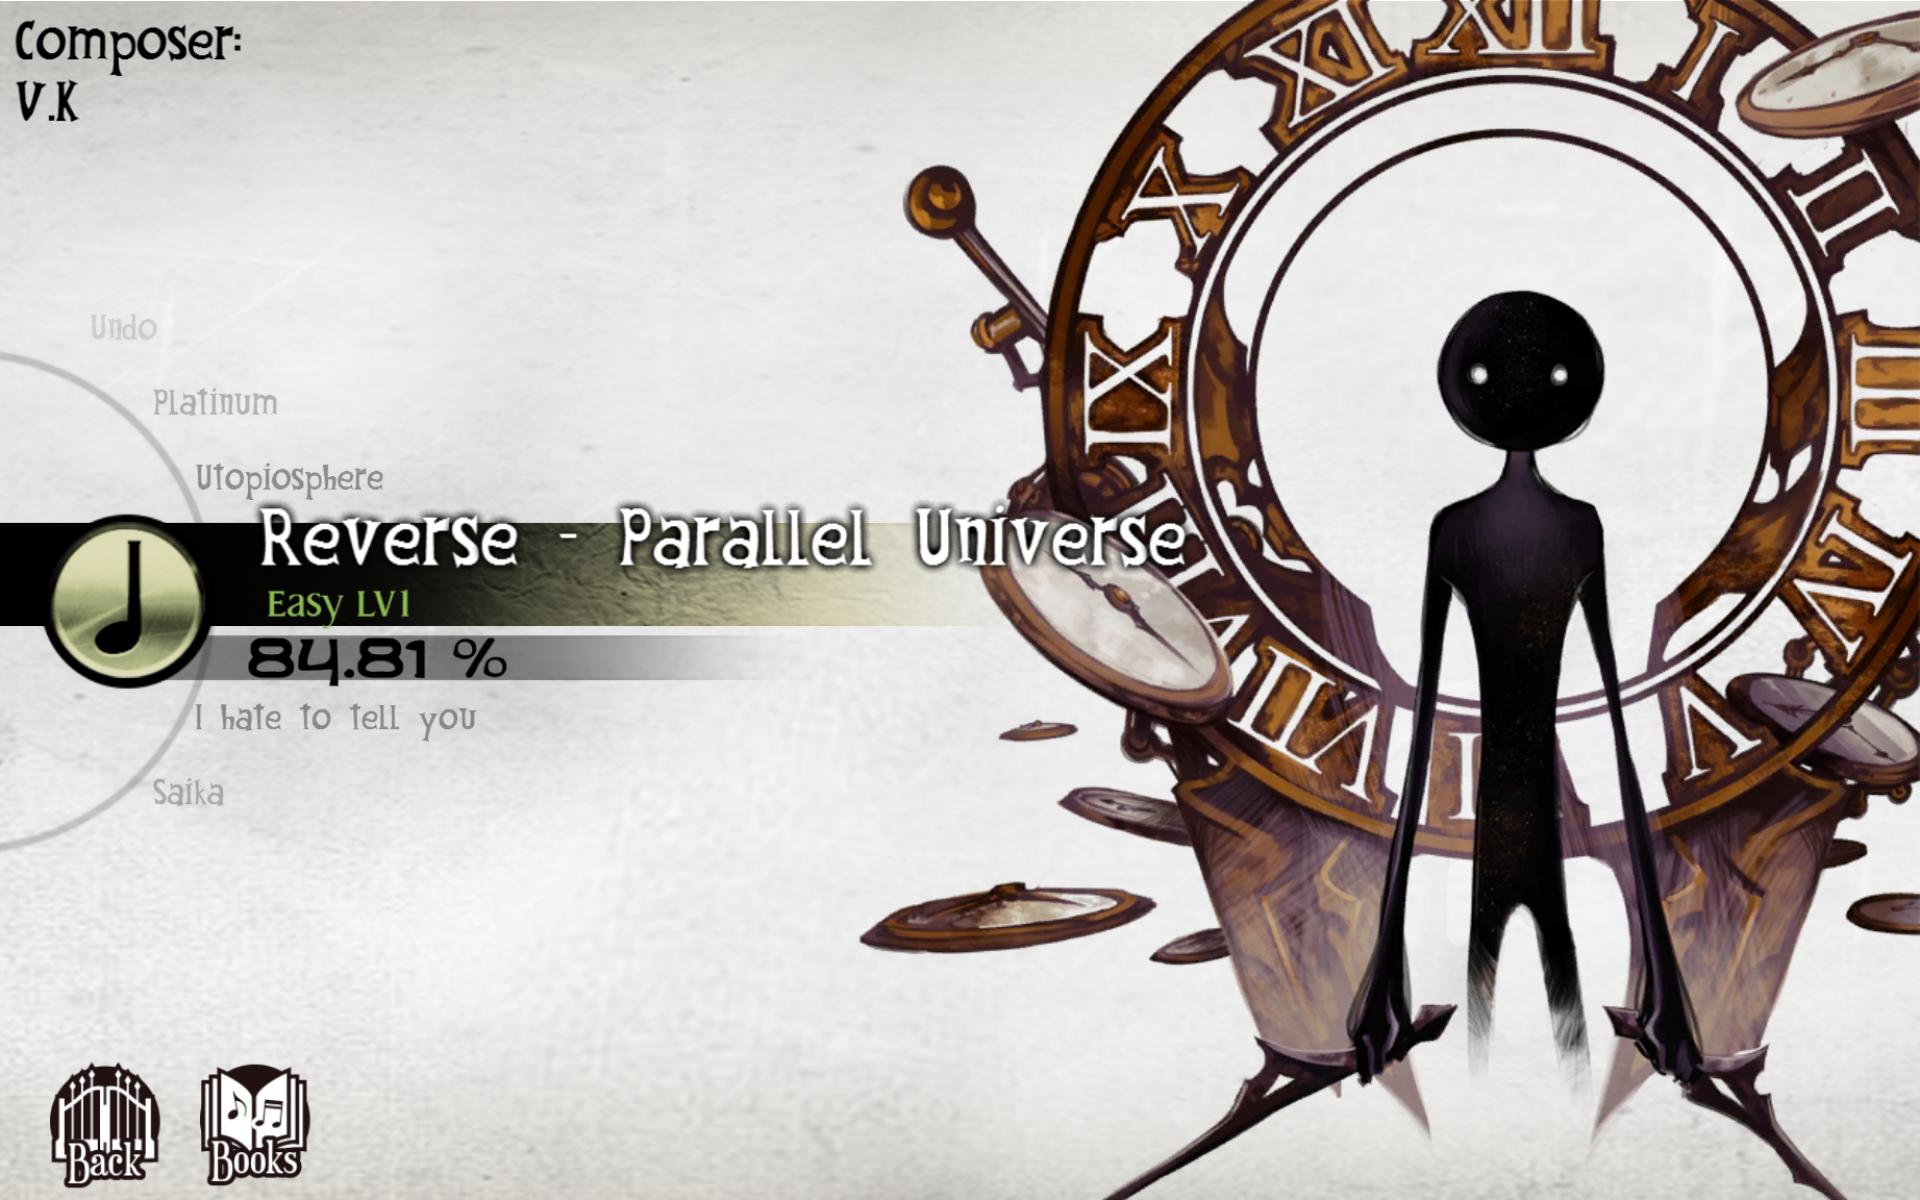 Screenshot: Ein schwarzes Wesen von einer Uhr mit römischen Zahlen. Daneben eine Auswahl an Liedtiteln.